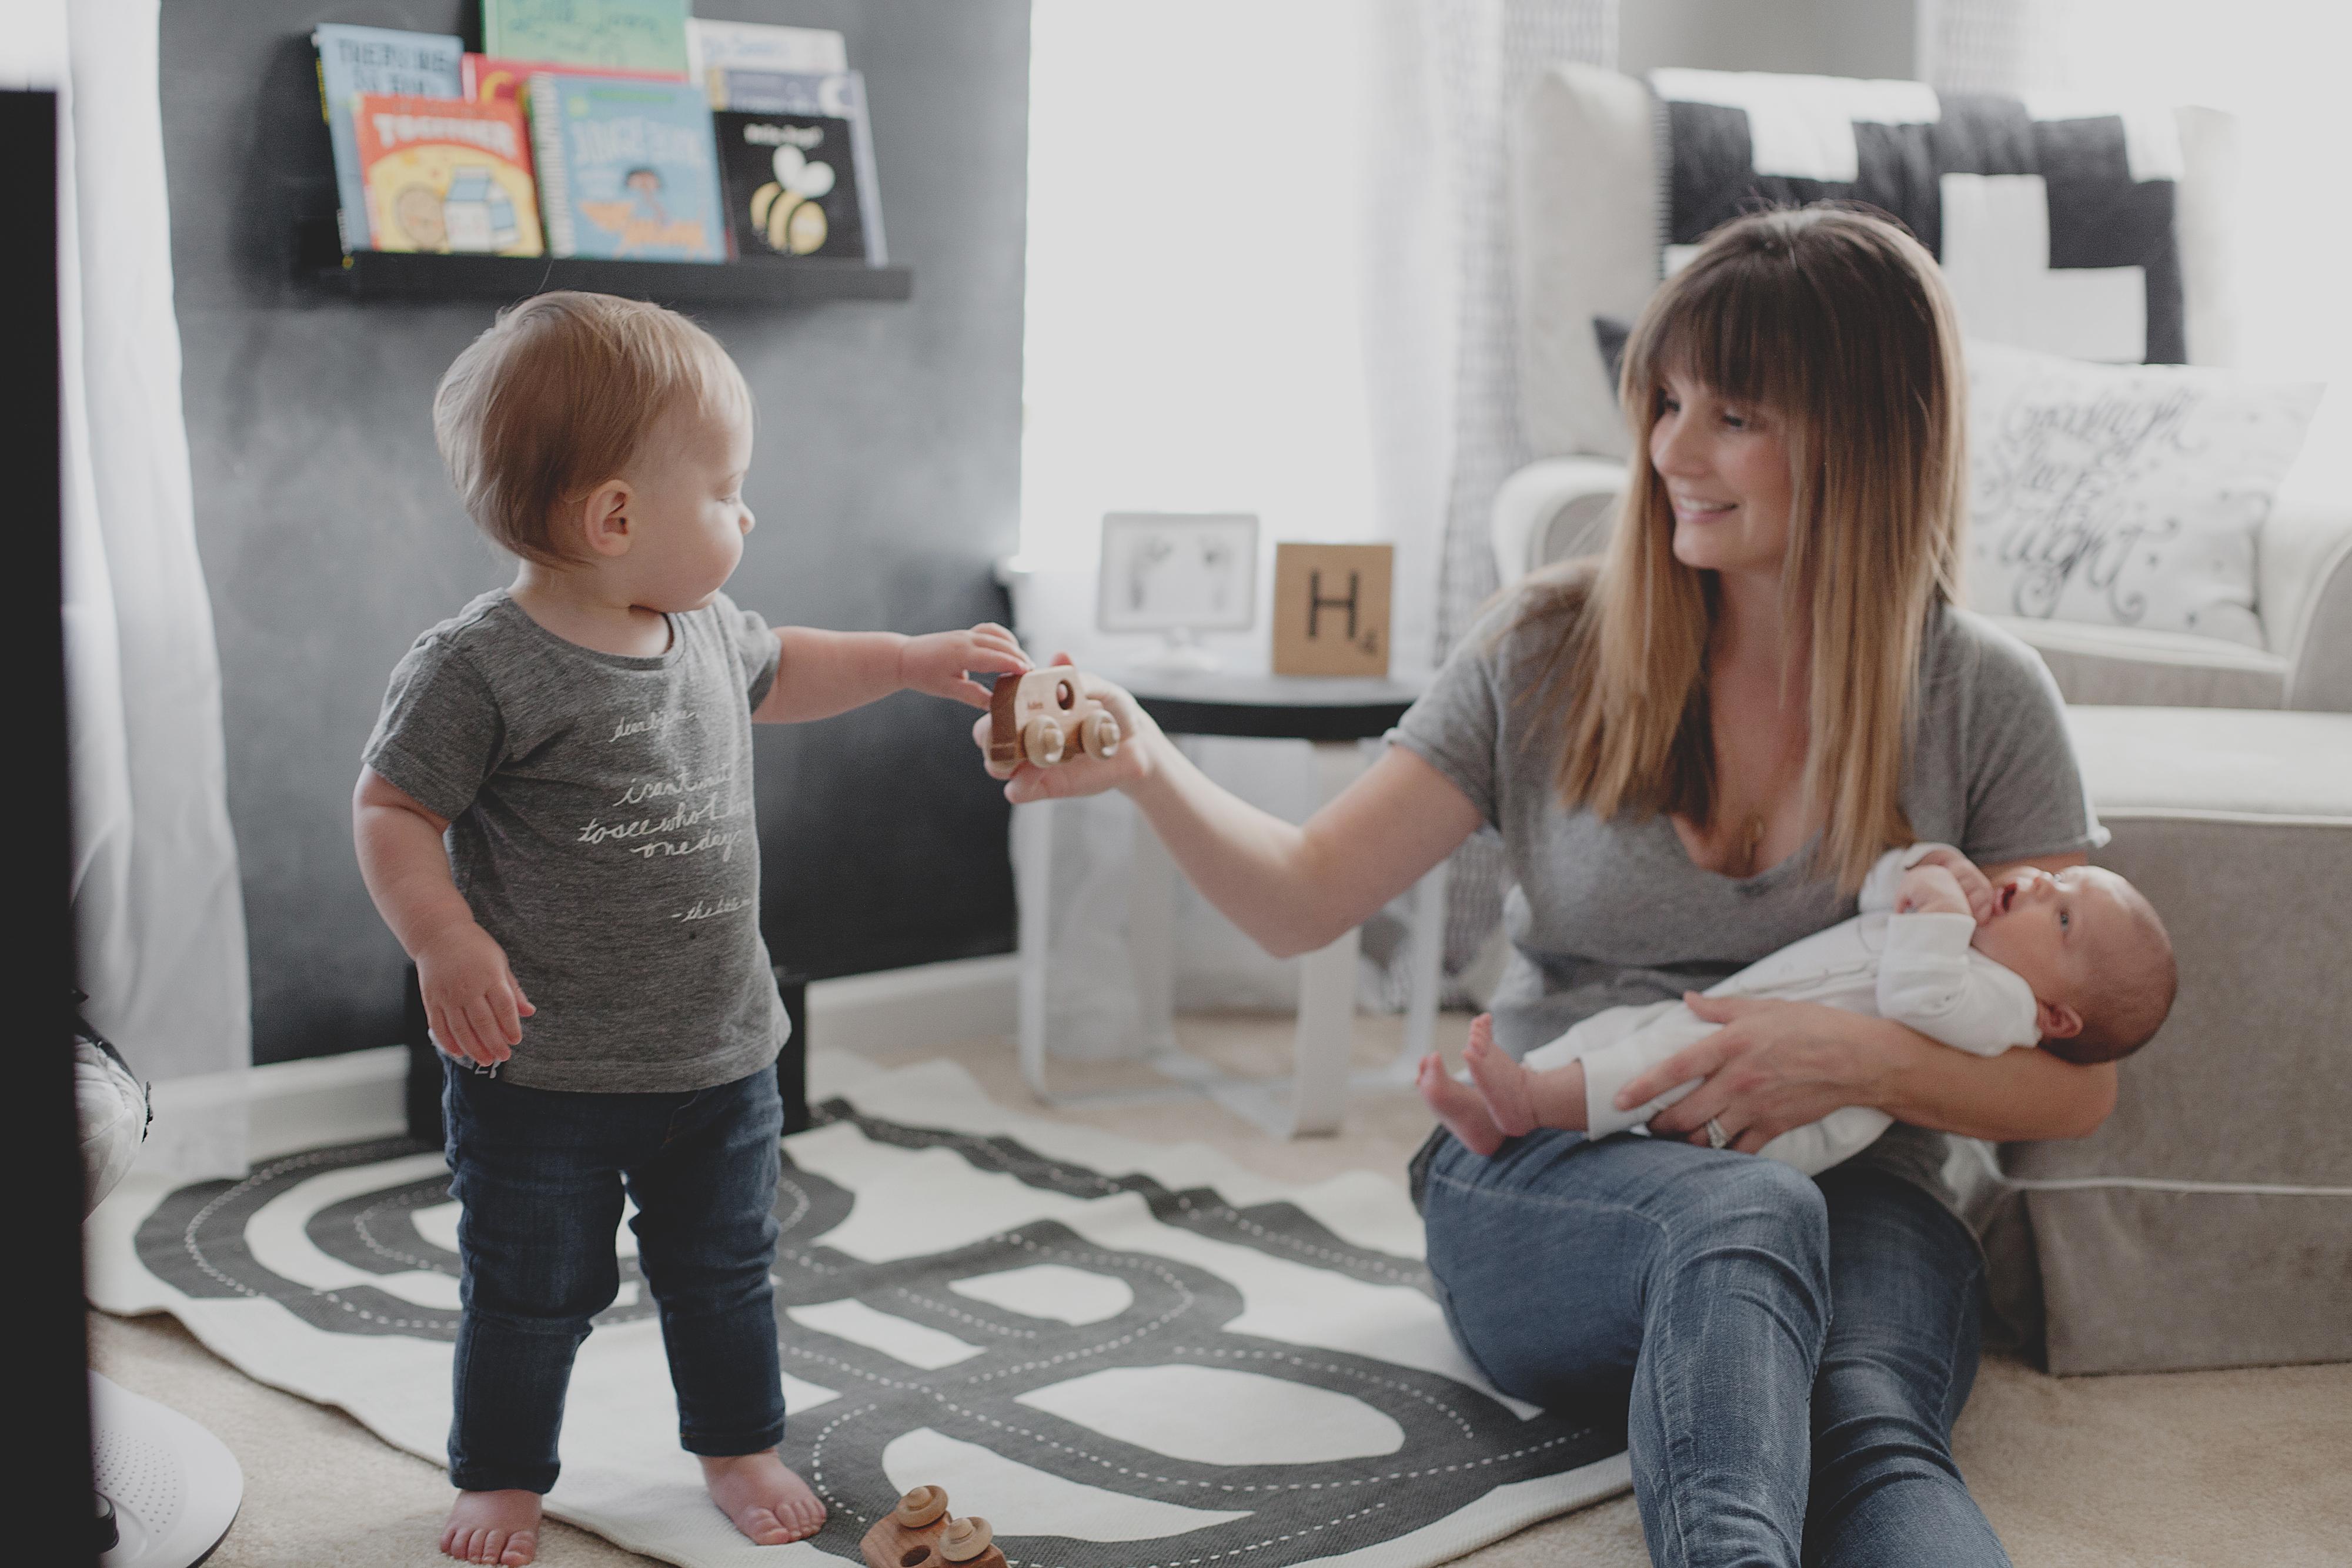 Adrianne Betz in Son's Black and White Nursery